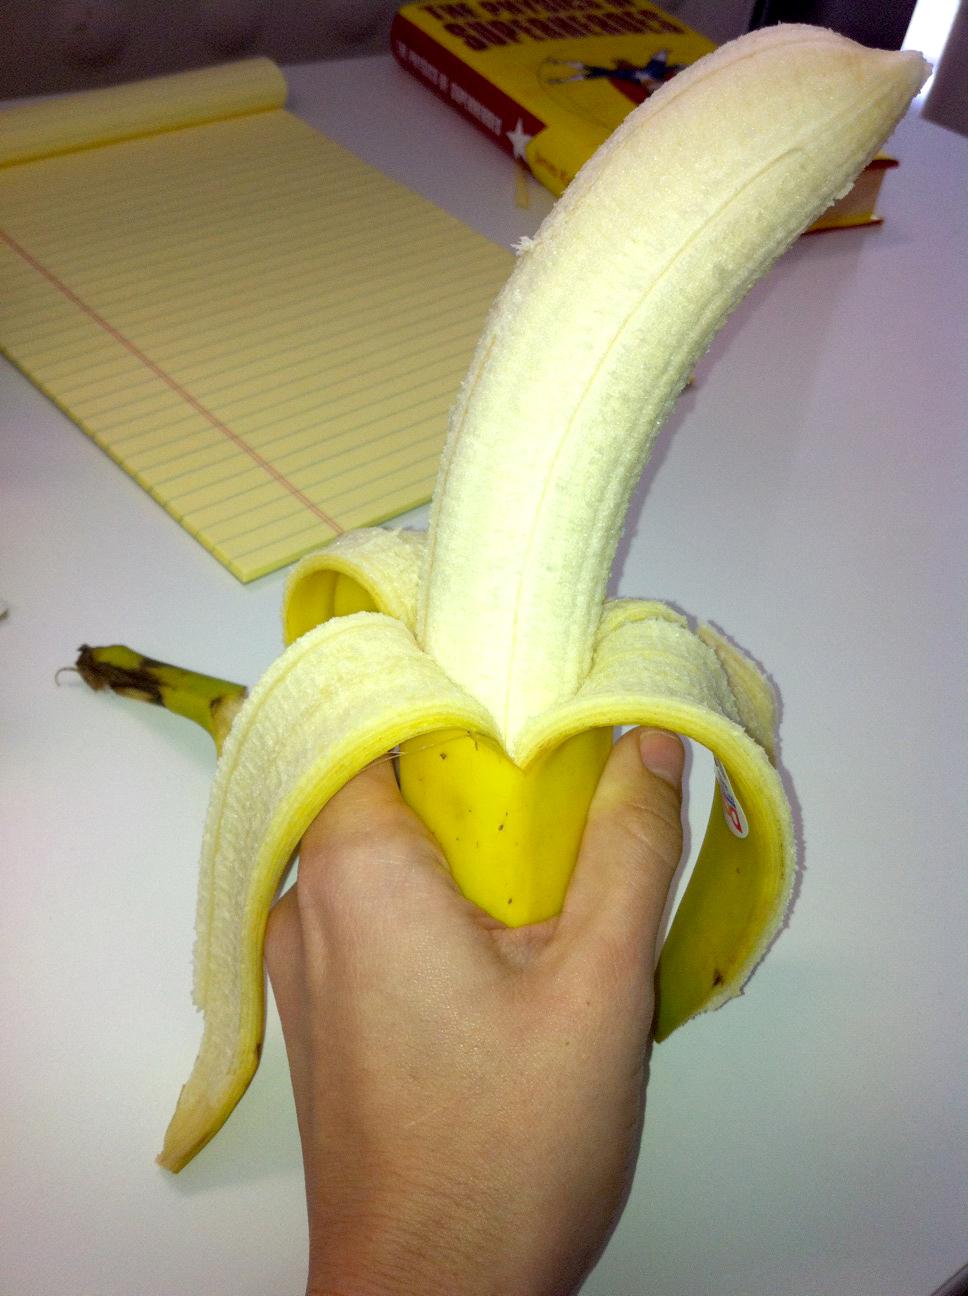 Банан засунули в женскую киску, наталия кошепа фото